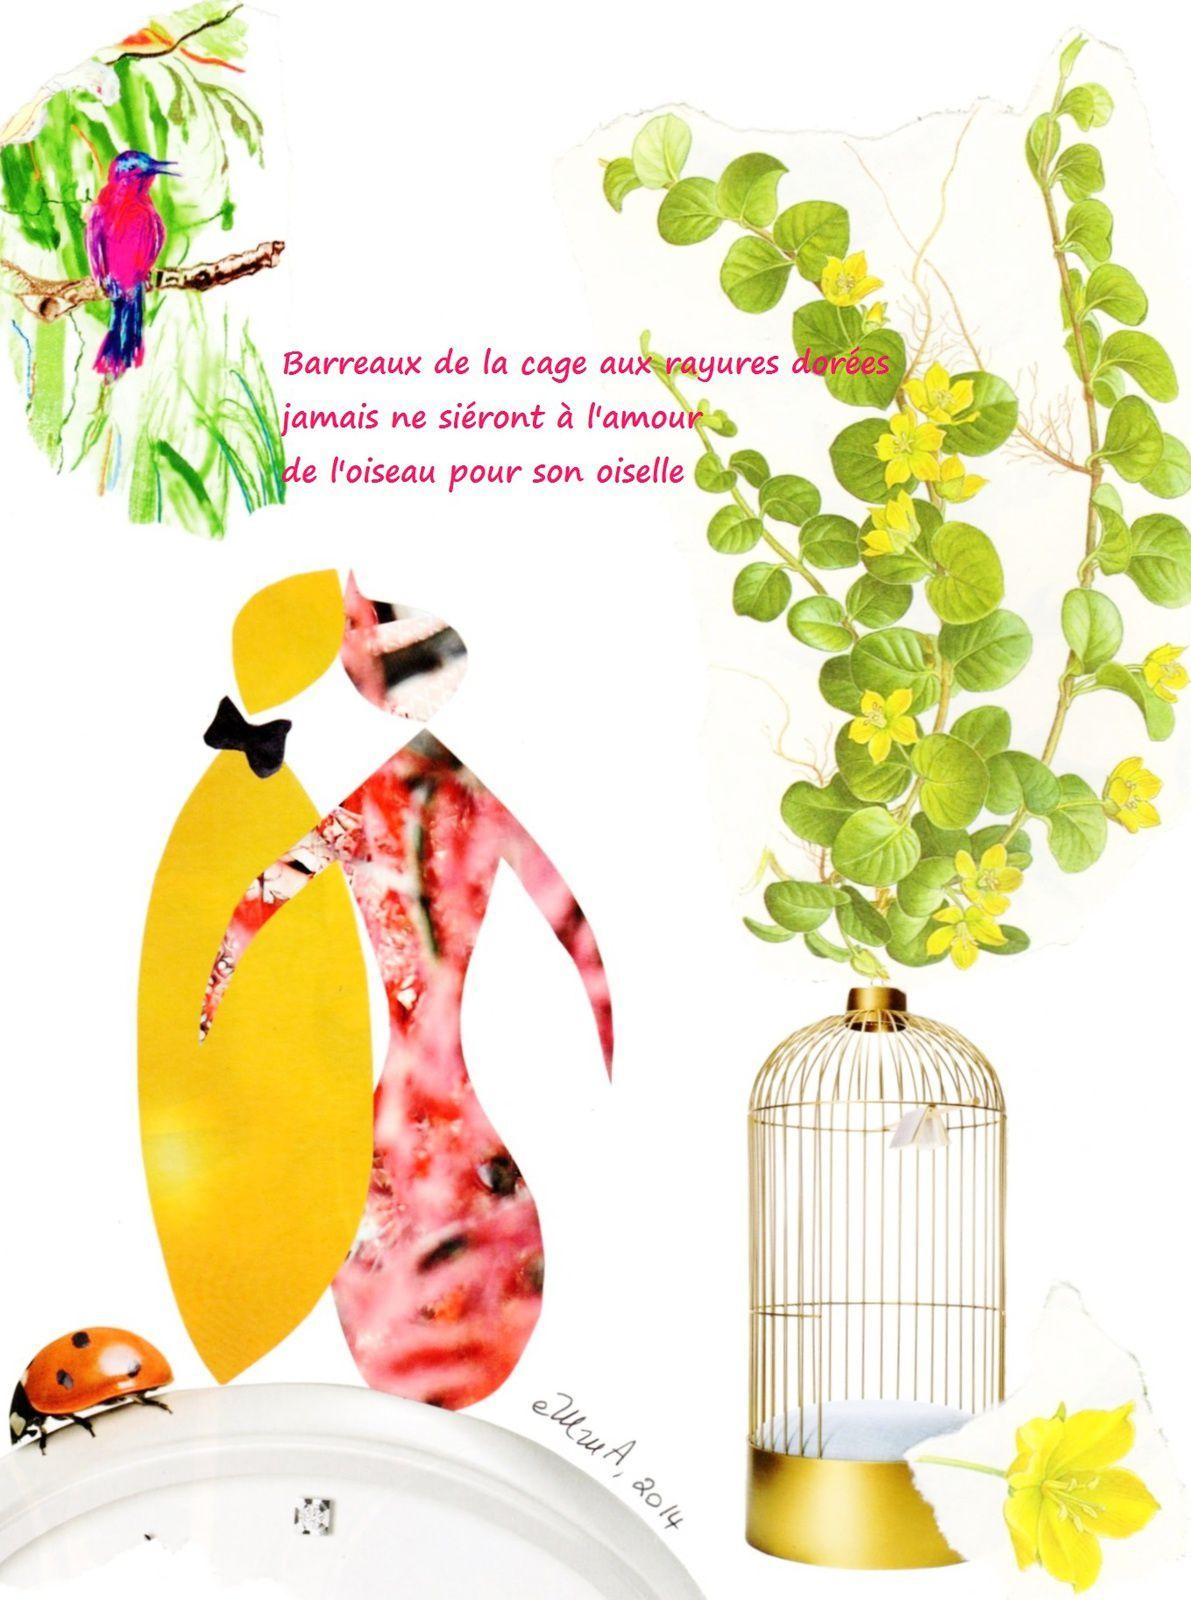 """Les Collages d'eMmA MessanA, collage """"Ça fait un bien fou !"""", pièce unique"""